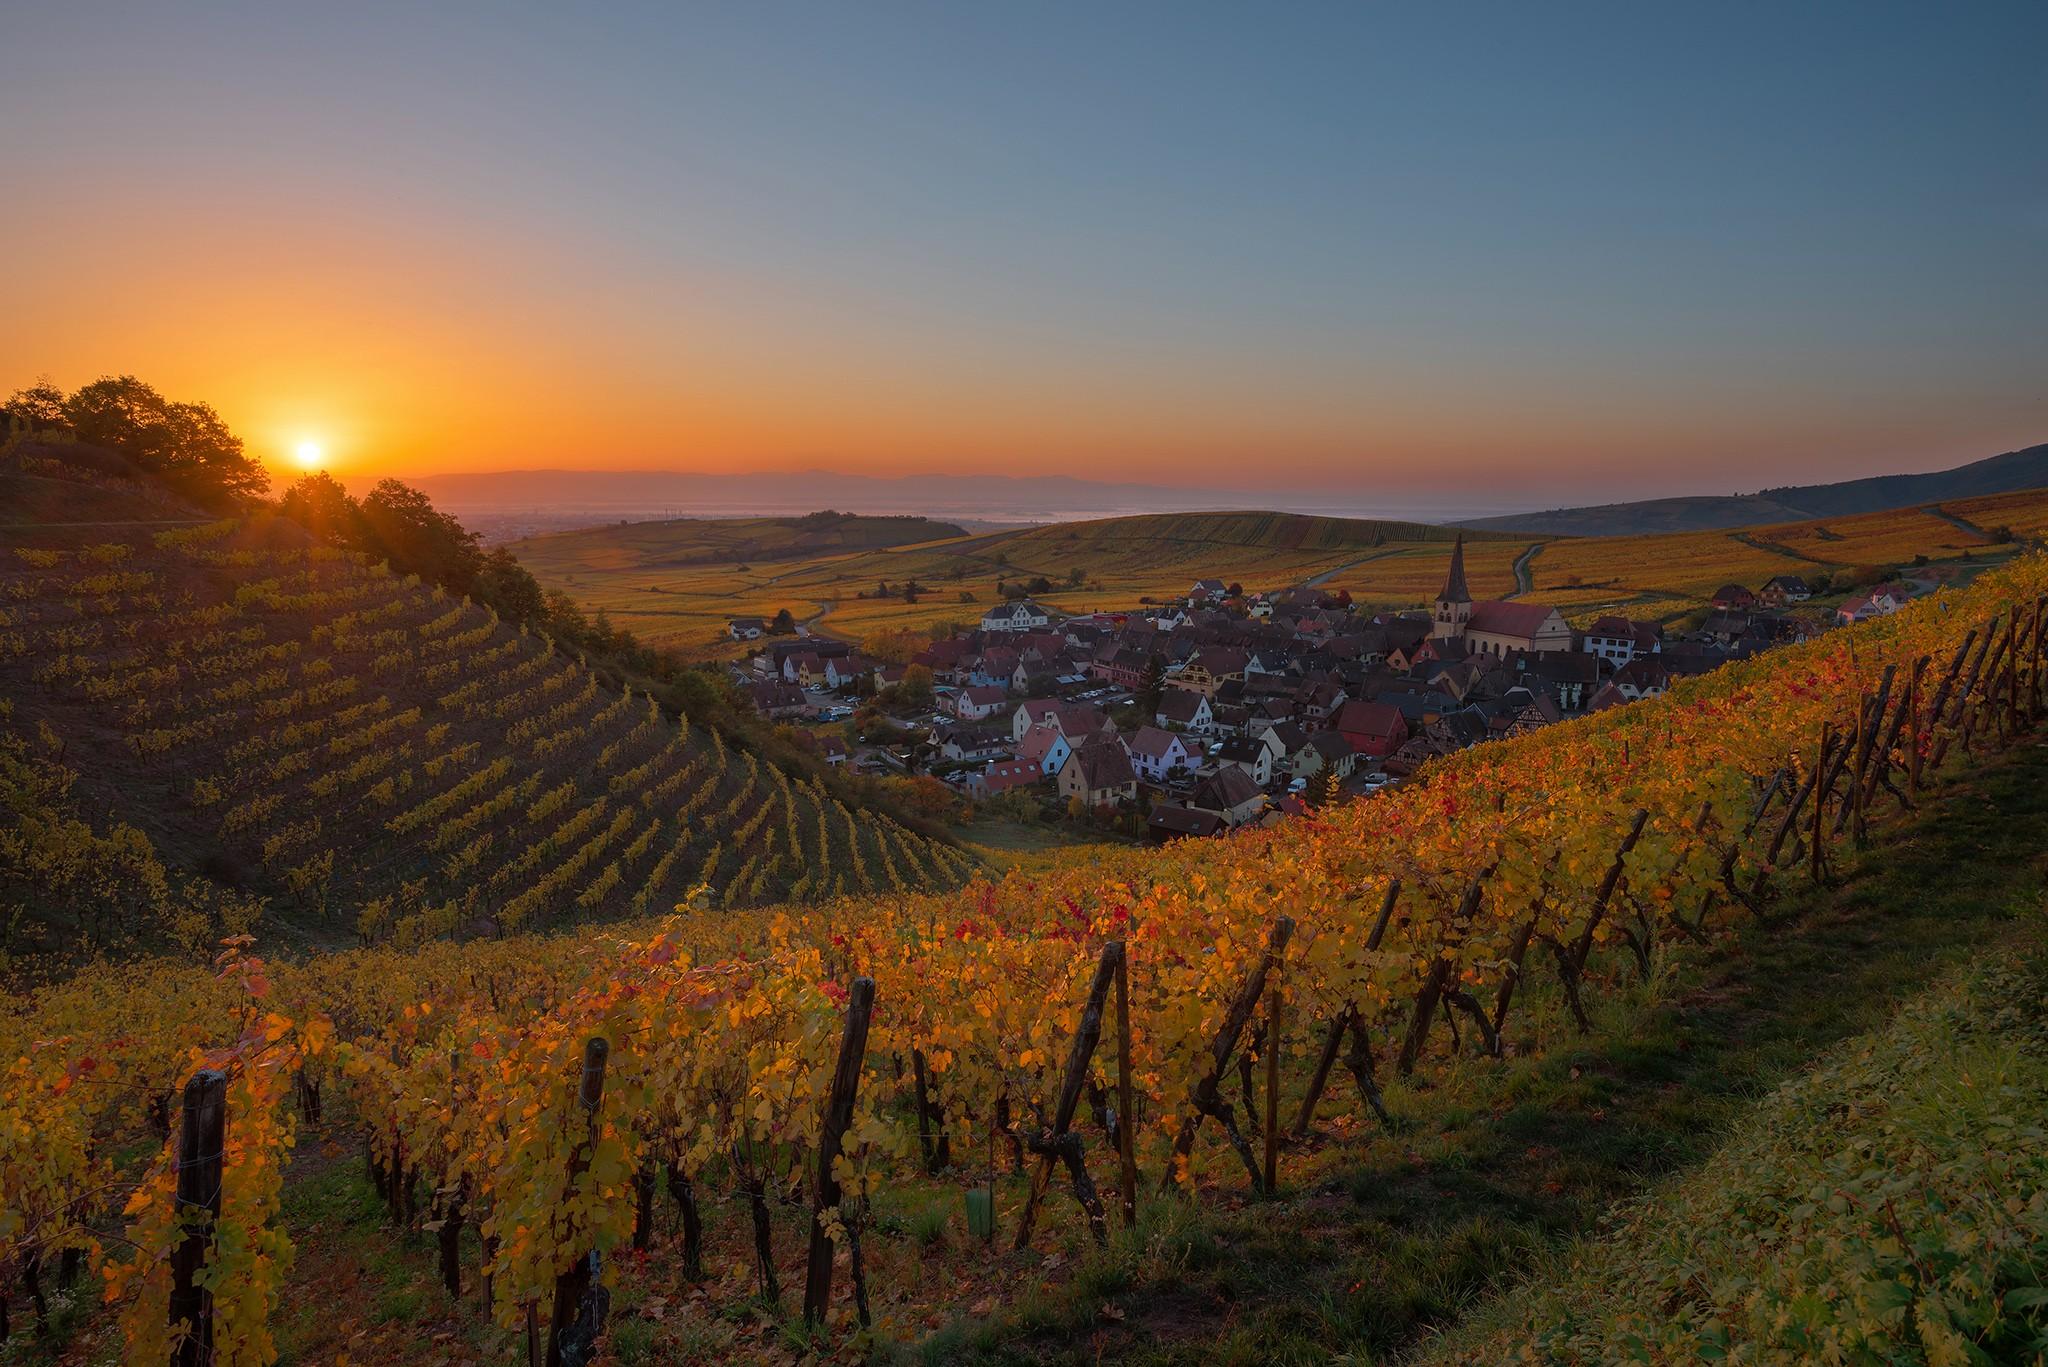 Lever de soleil dans les vignes en Alsace   Paysages diurnes